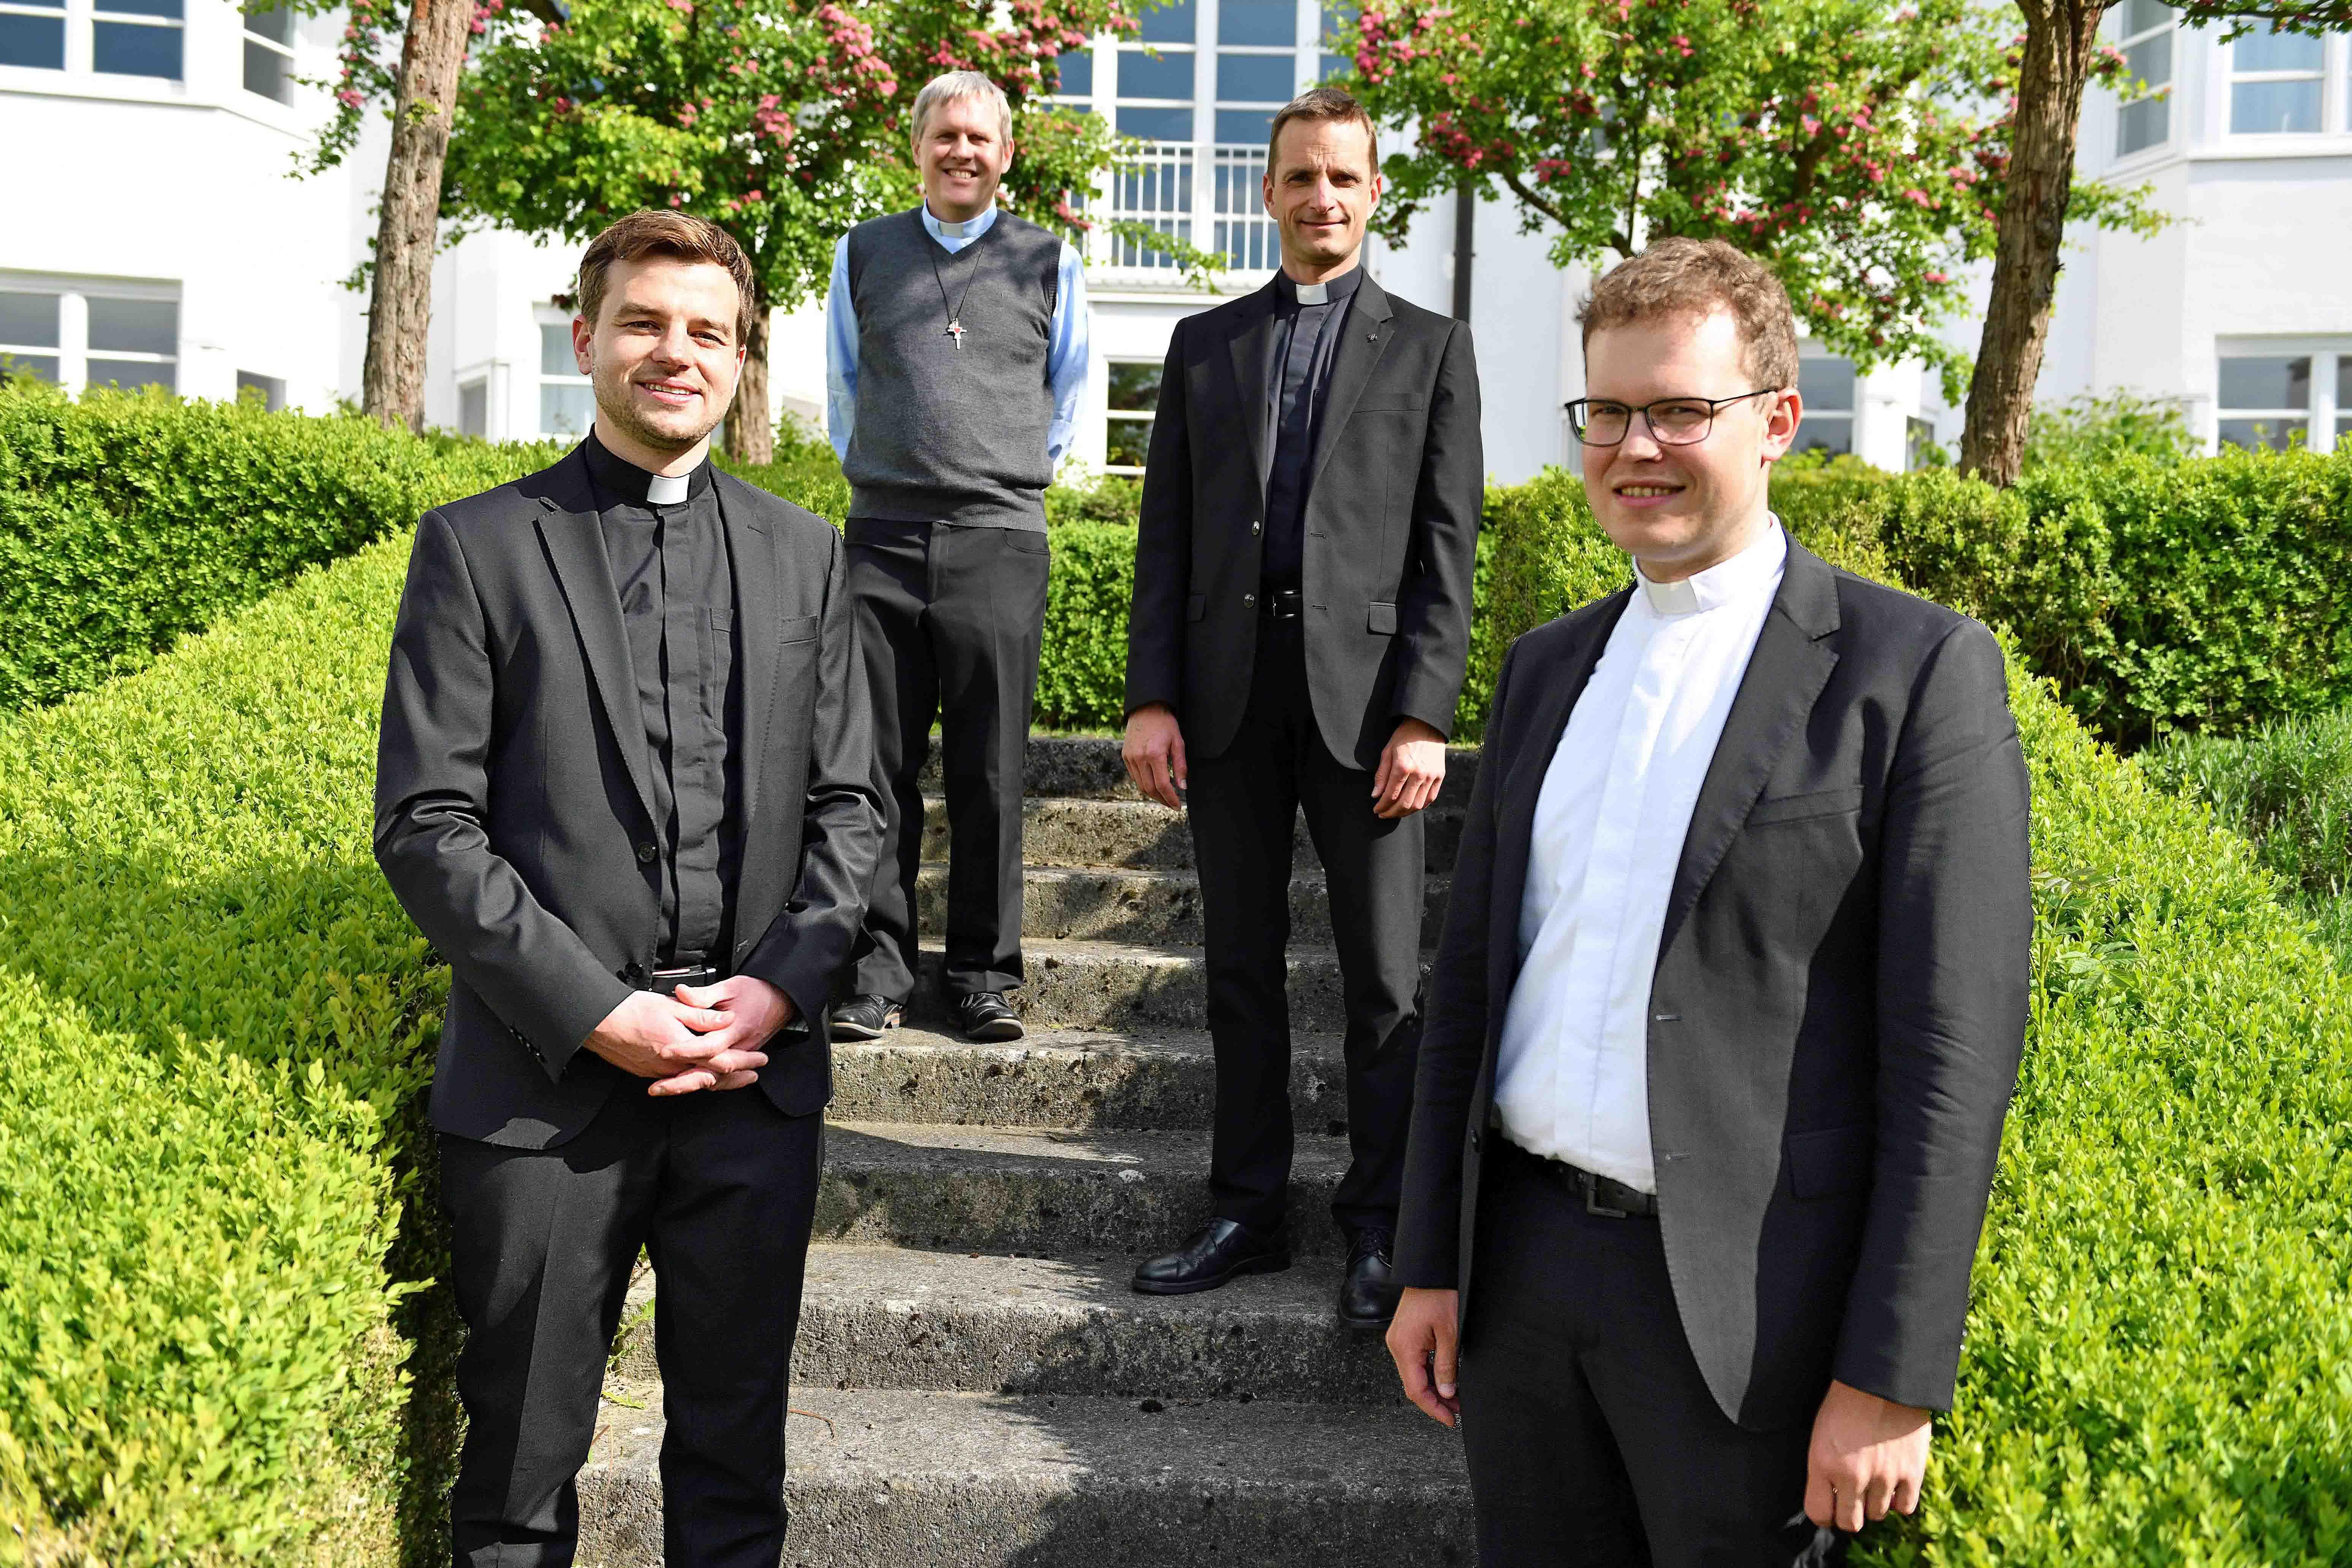 Am 28. Juni werden sie zu Priestern geweiht (v.links): Richard Hörmann, Bruder Michael Sommer, Marco Leonhart und Ludwig Bolkart. (Foto: Nicolas Schnall / pba)